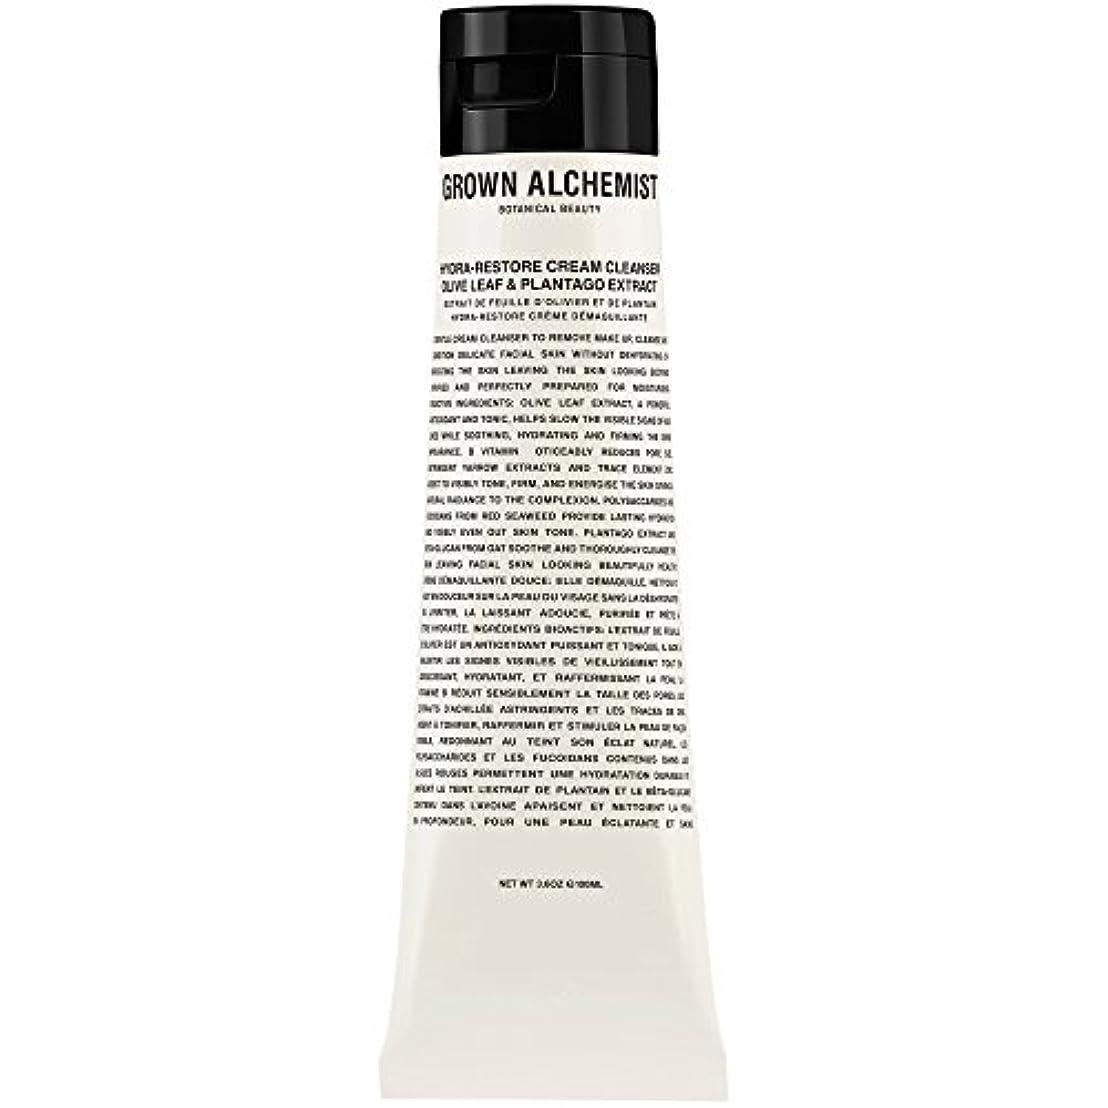 燃やす大惨事通知するオリーブの葉&Plantogoエキス、100ミリリットル:成長した錬金術師クリームクレンザーをヒドラ復元 (Grown Alchemist) (x6) - Grown Alchemist Hydra-Restore Cream...